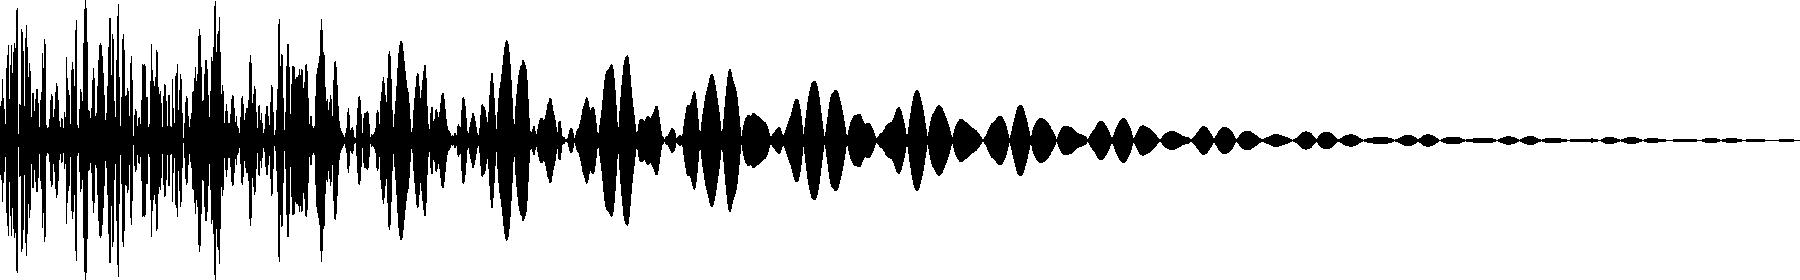 vedh synth cut 257 fm